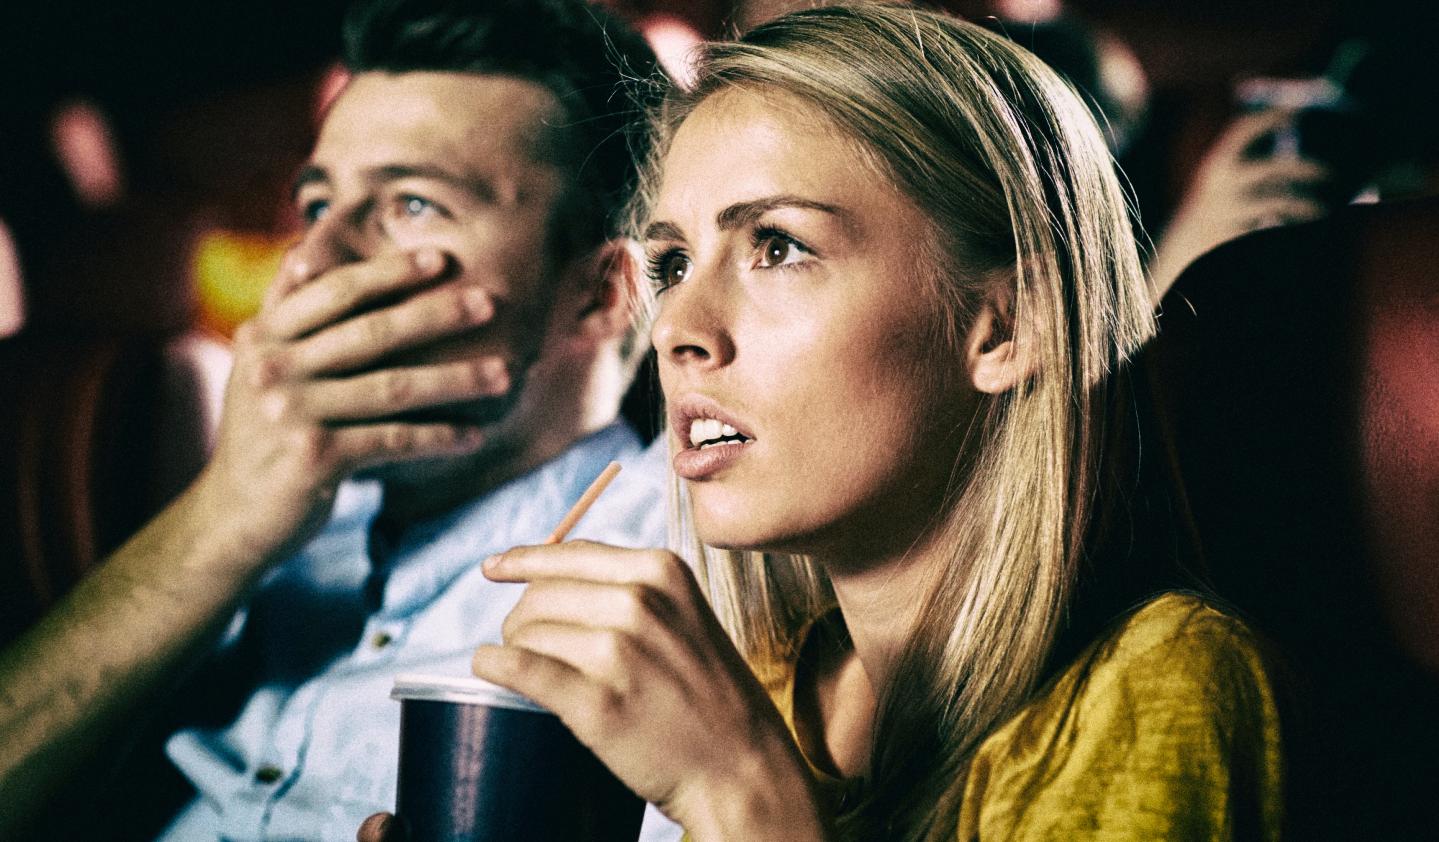 Любители фильмов ужасов лучше справляются со стрессом на фоне пандемии